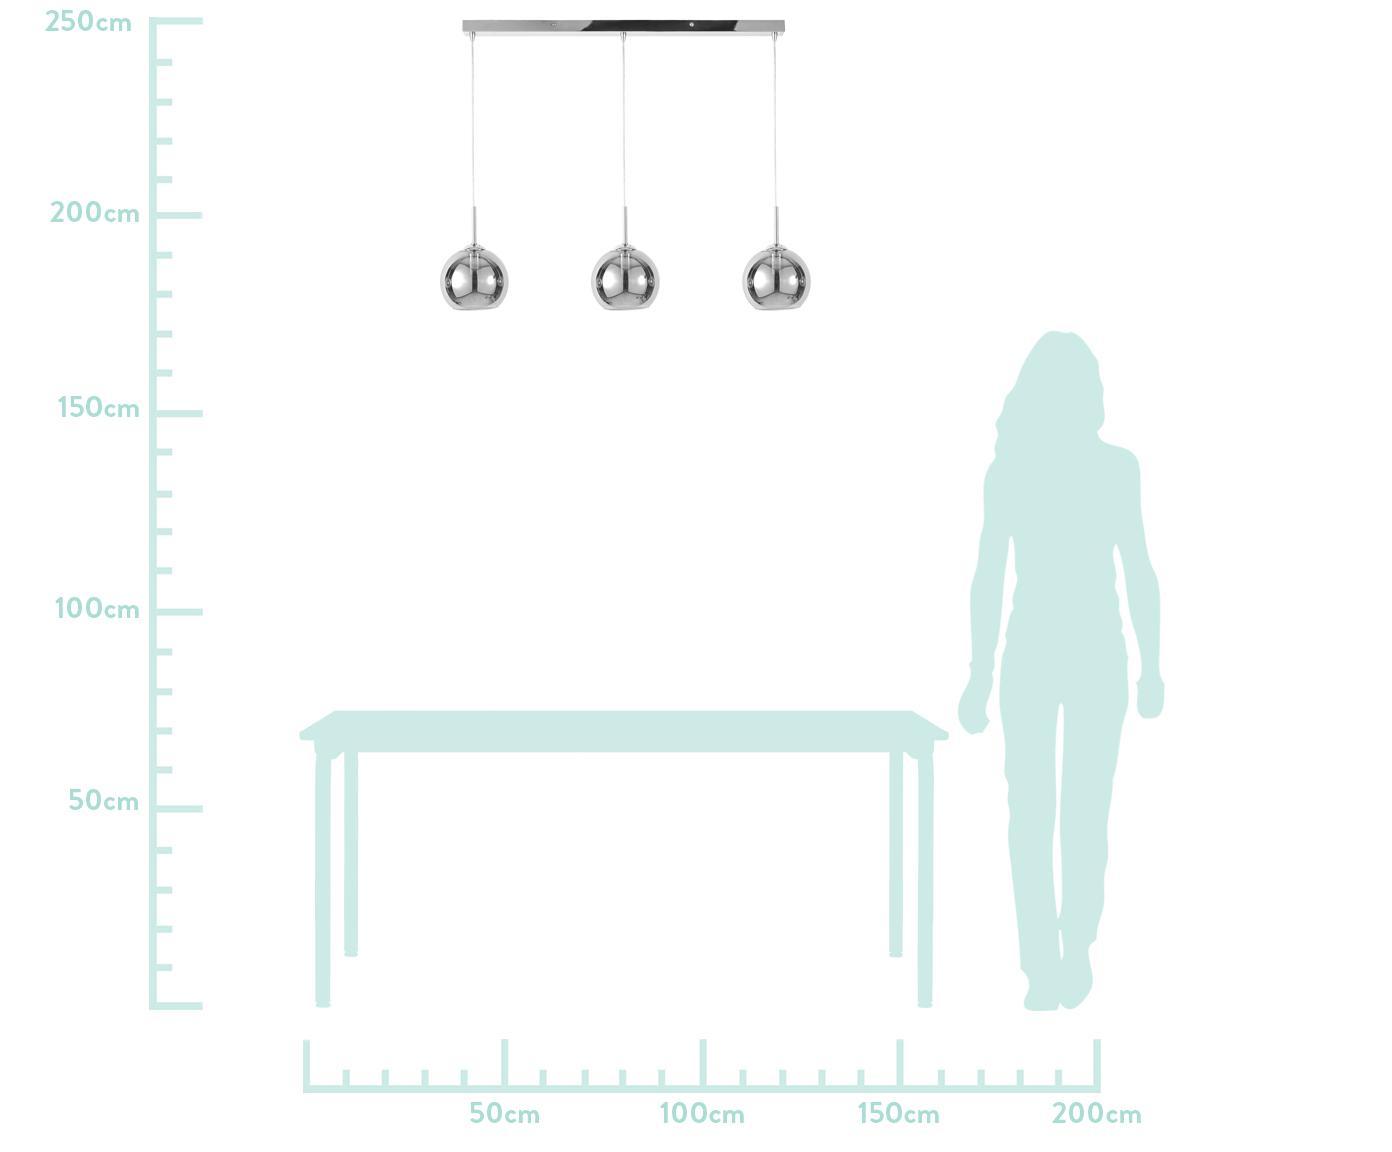 Lampada a sospensione color cromo Hamilton, Paralume: vetro specchiato, Struttura: metallo cromato, Baldacchino: metallo cromato, Grigio, Larg. 81 x Prof. 15 cm